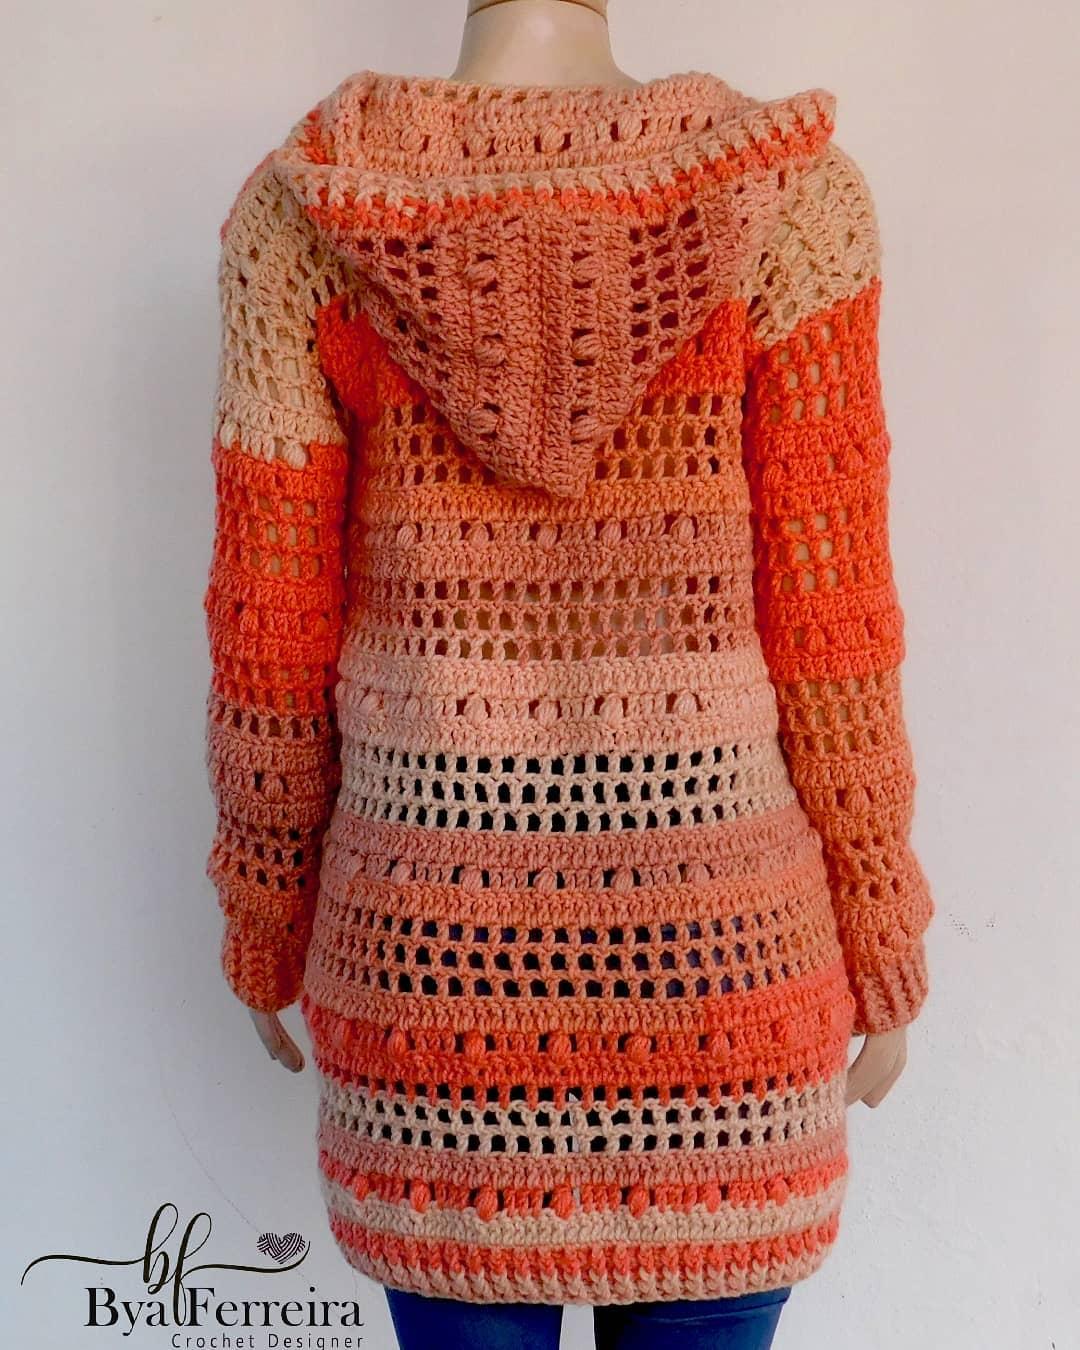 Boa Tarde!!! Vocês Já Estão Confeccionan Crochet - Crochet Tutorial